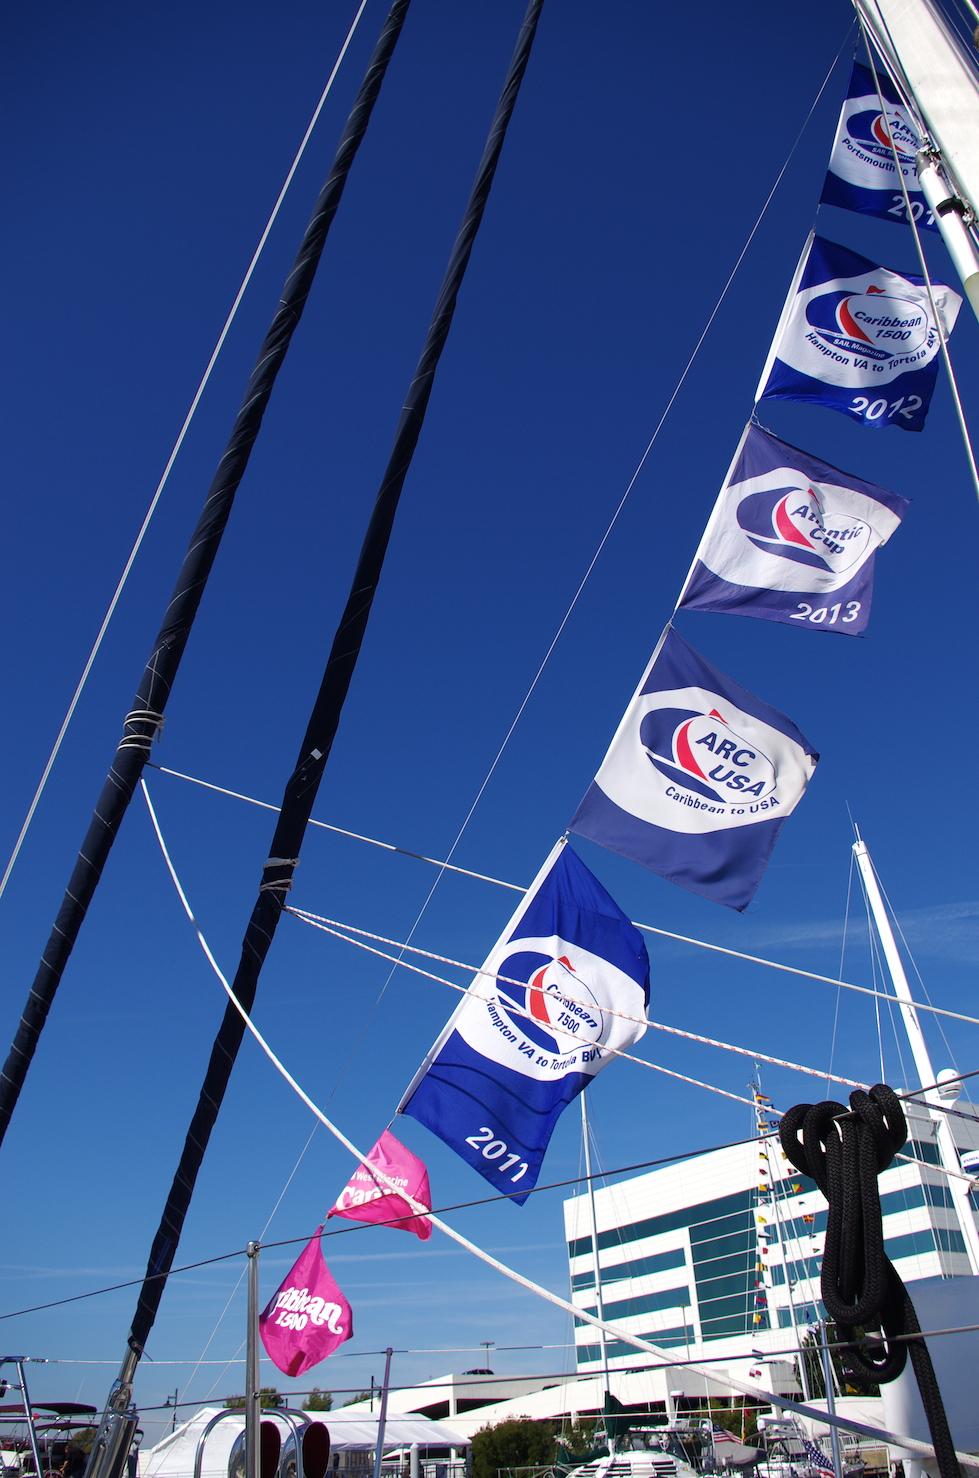 Båtarna får en flagga när de är med i ett event, den här båten flyger stolt alla sina eventflaggor!